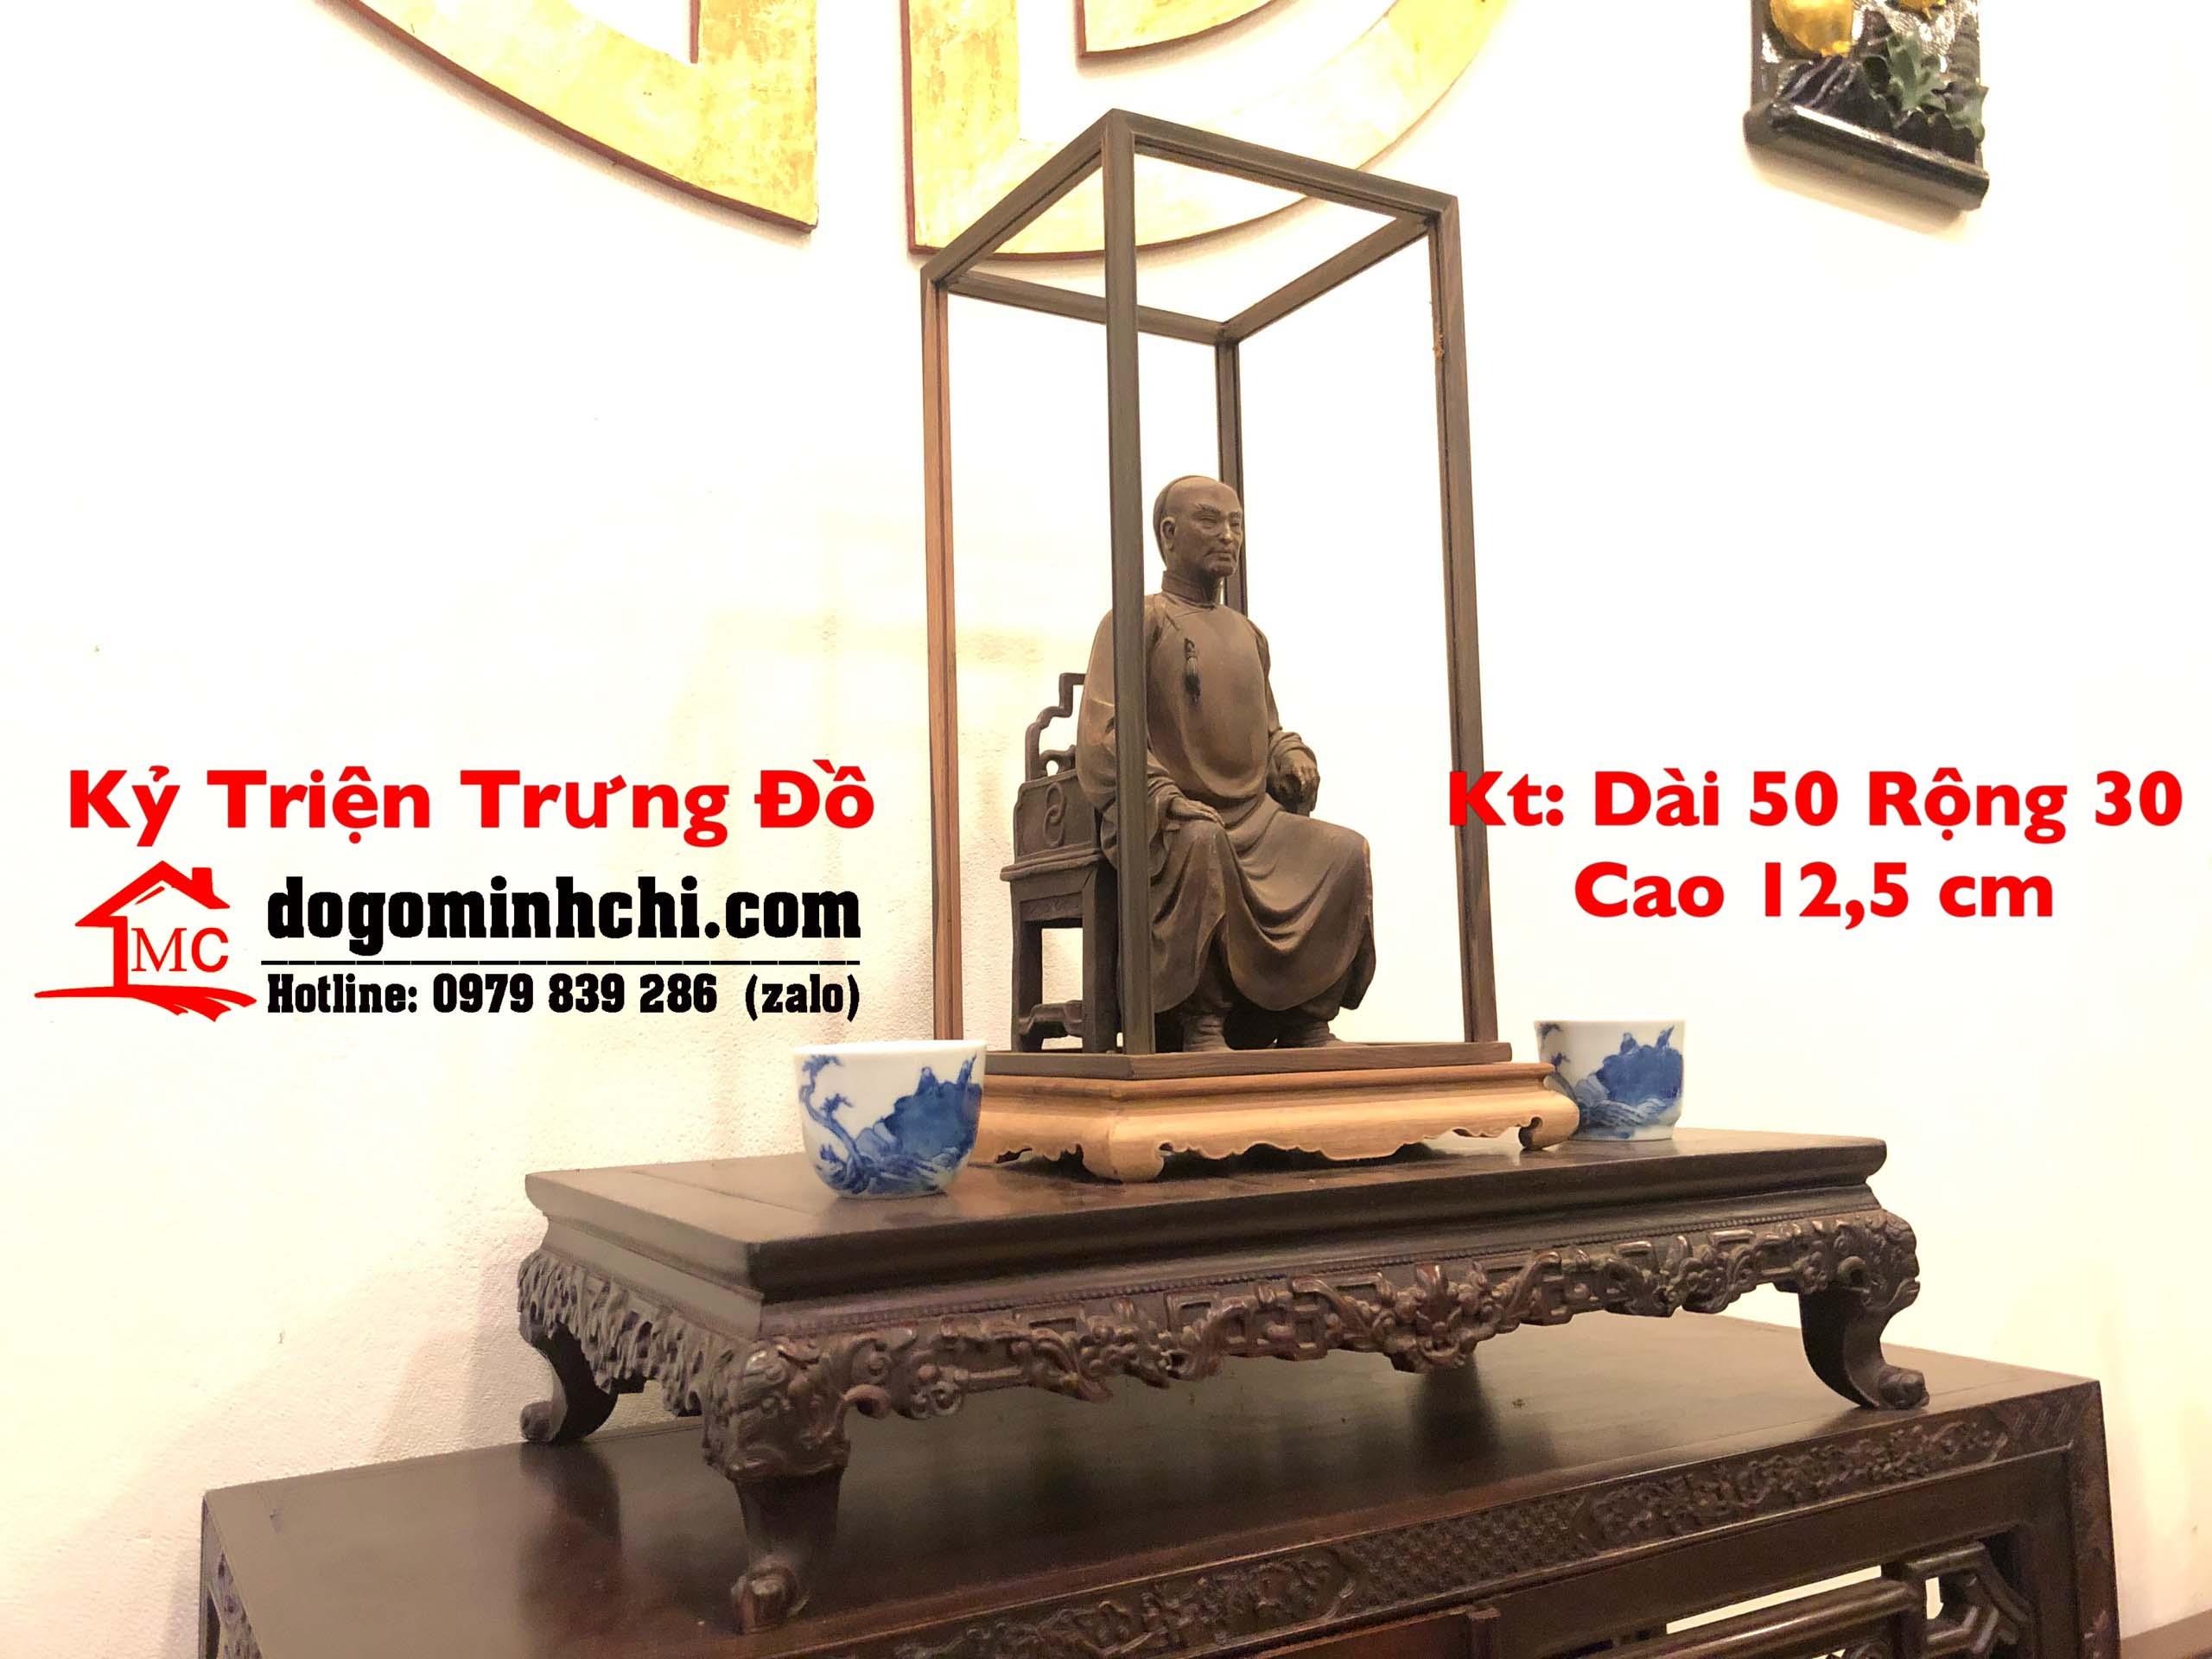 ban-ky-trung-do-su-tuong-go-2